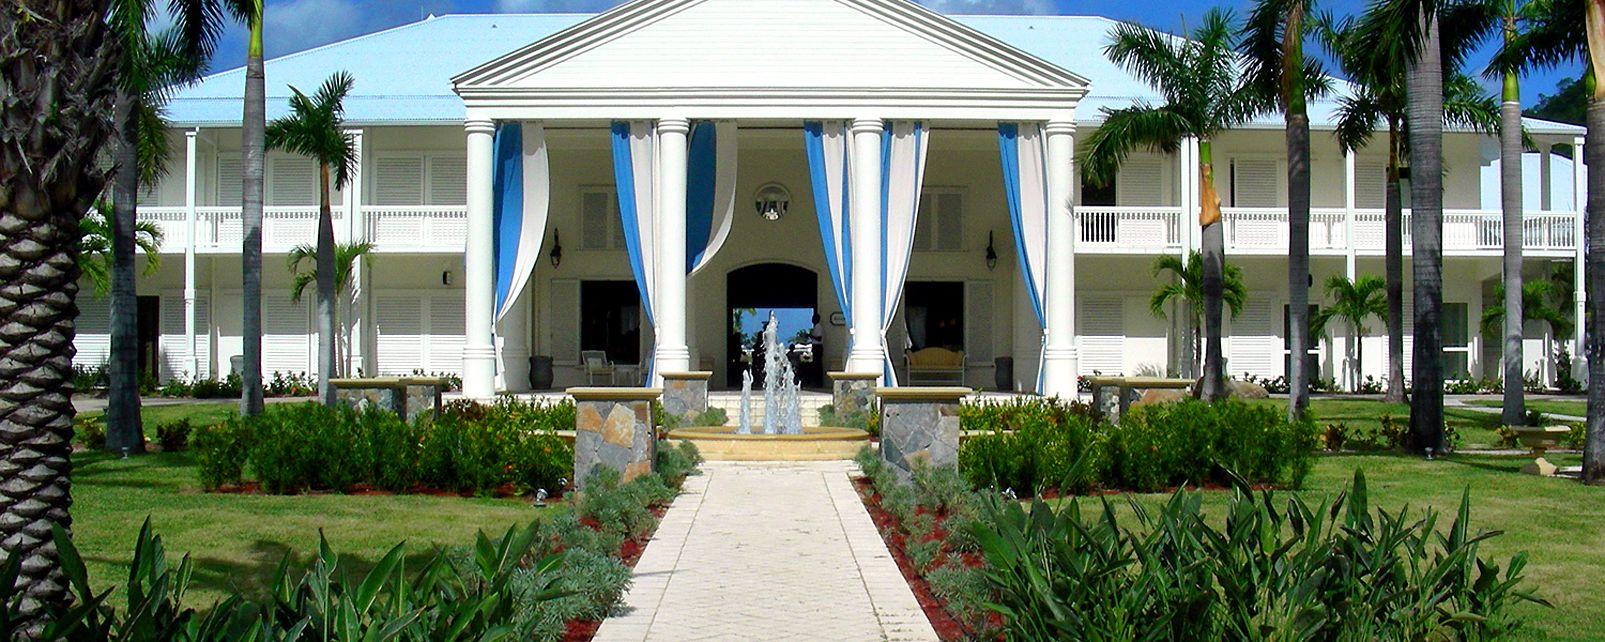 Hotel Riu Palace St Martin Resort